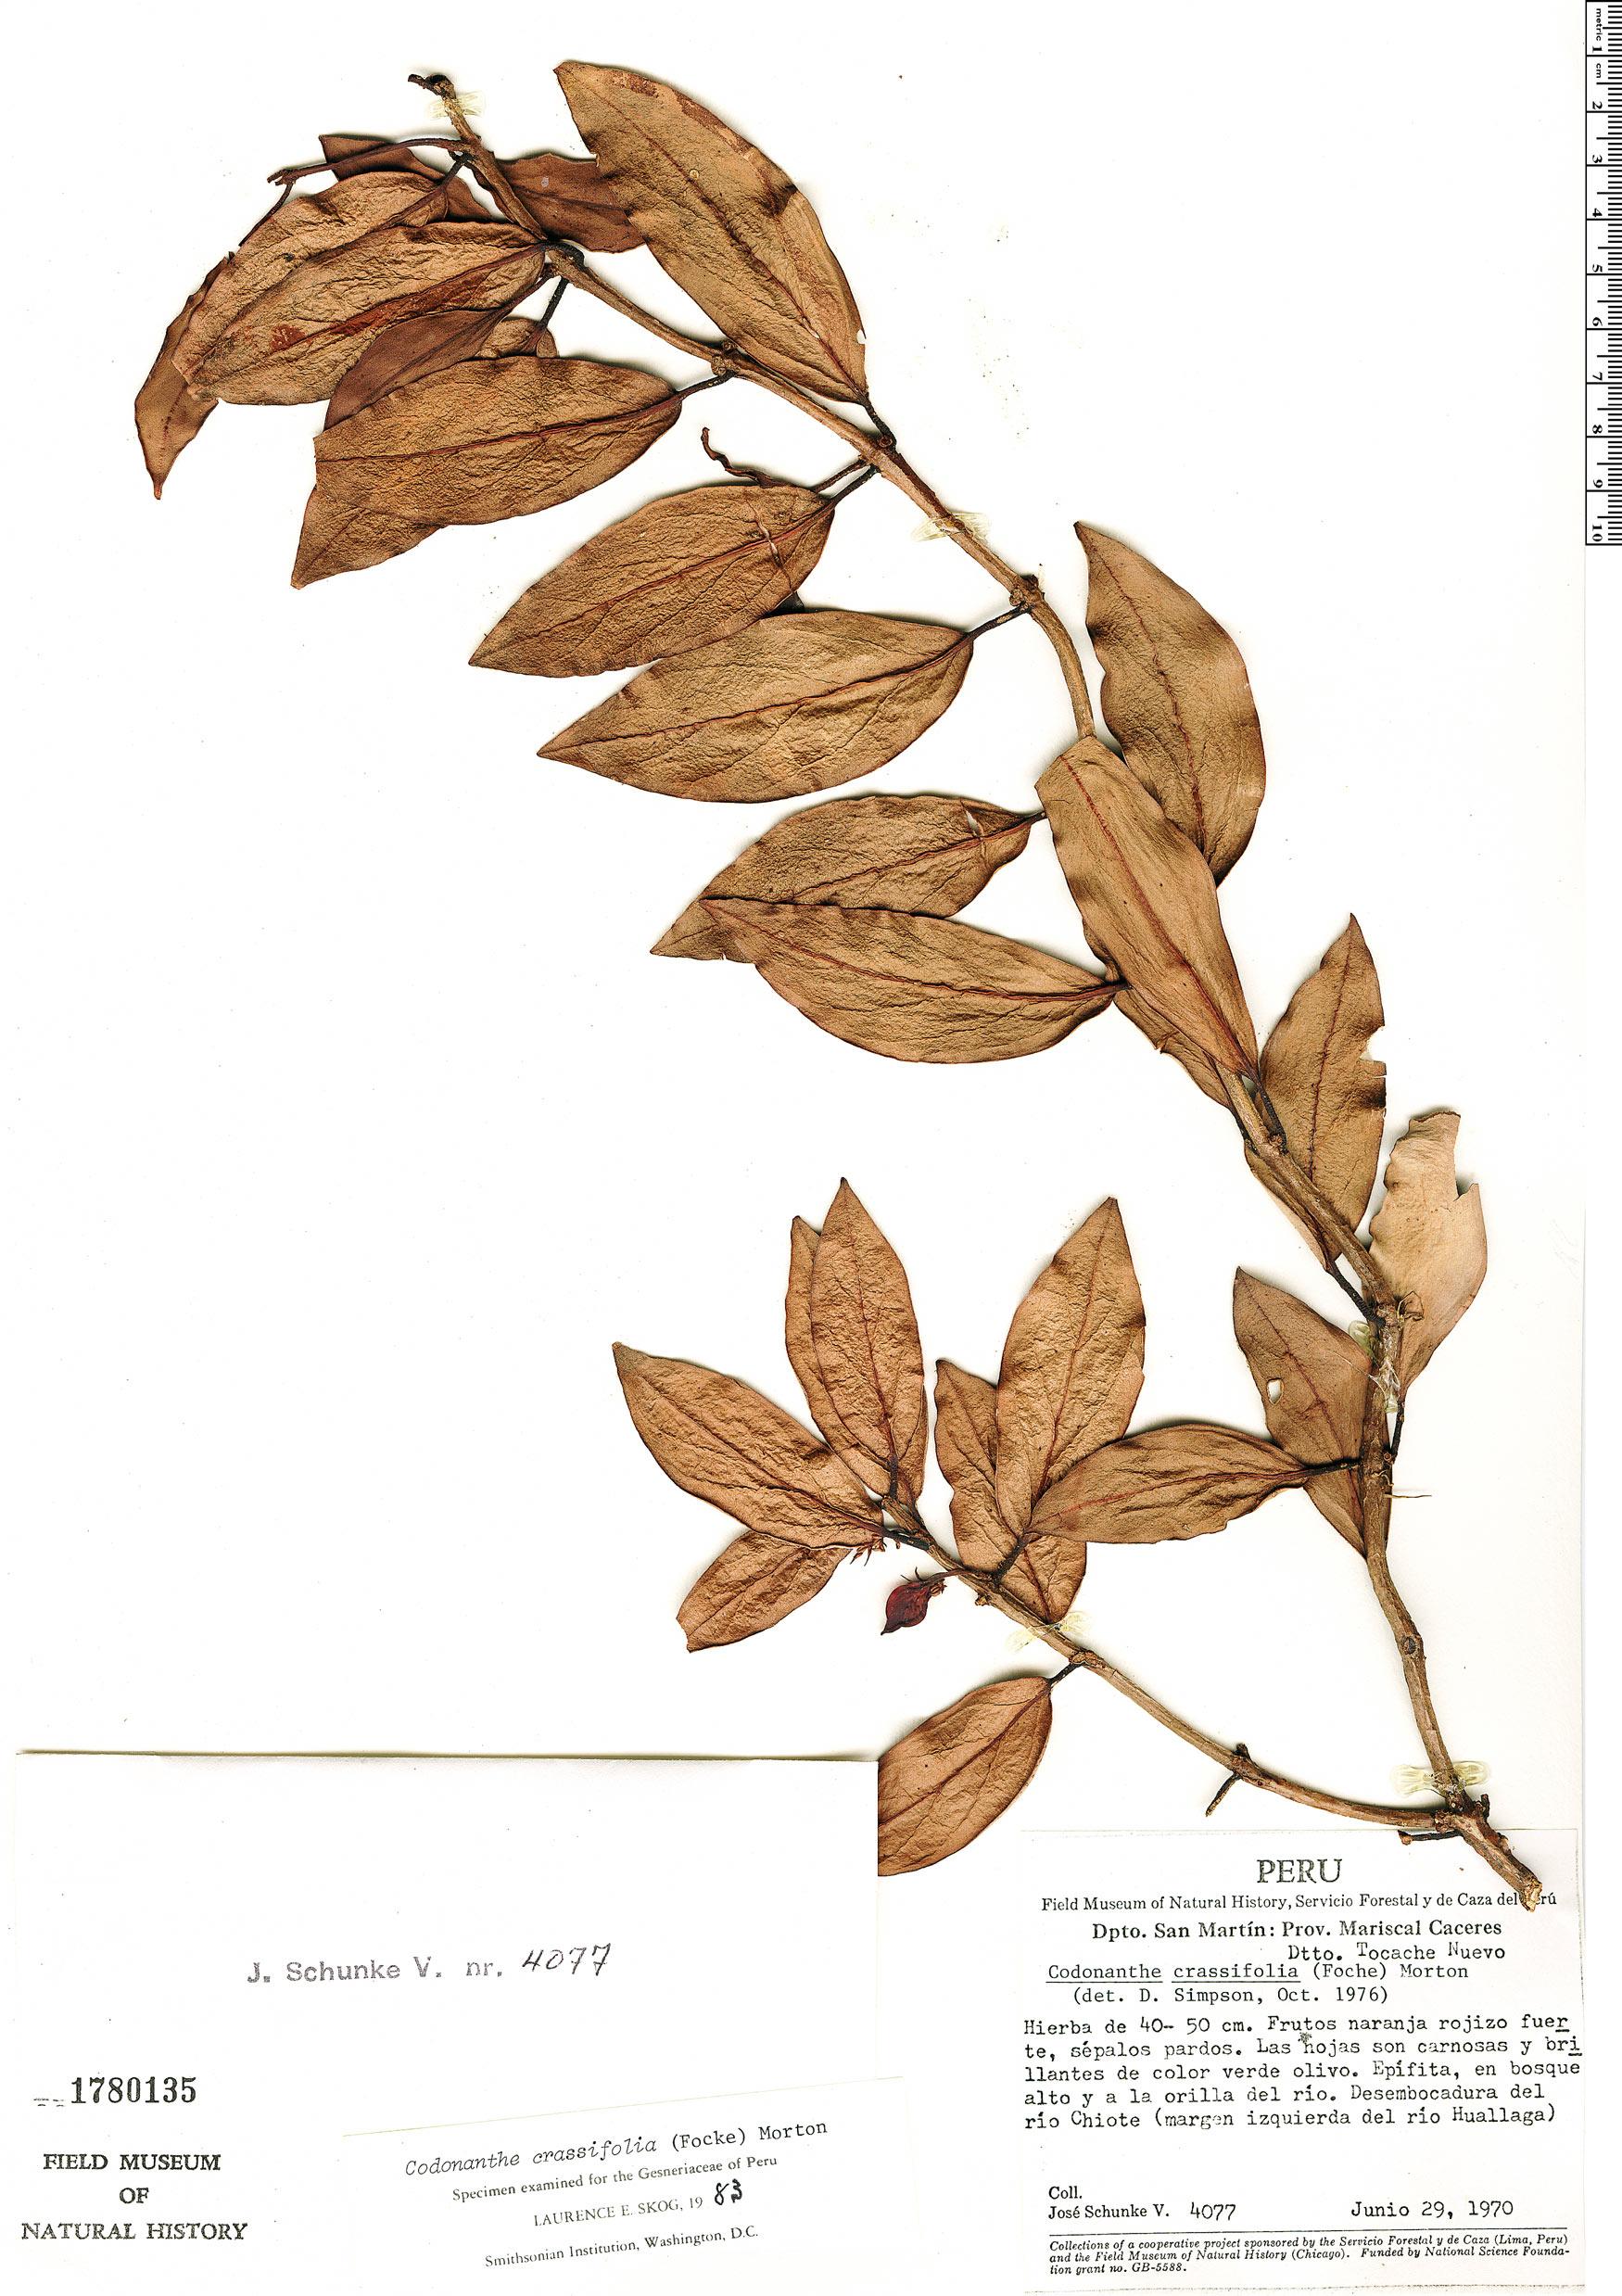 Specimen: Codonanthe crassifolia